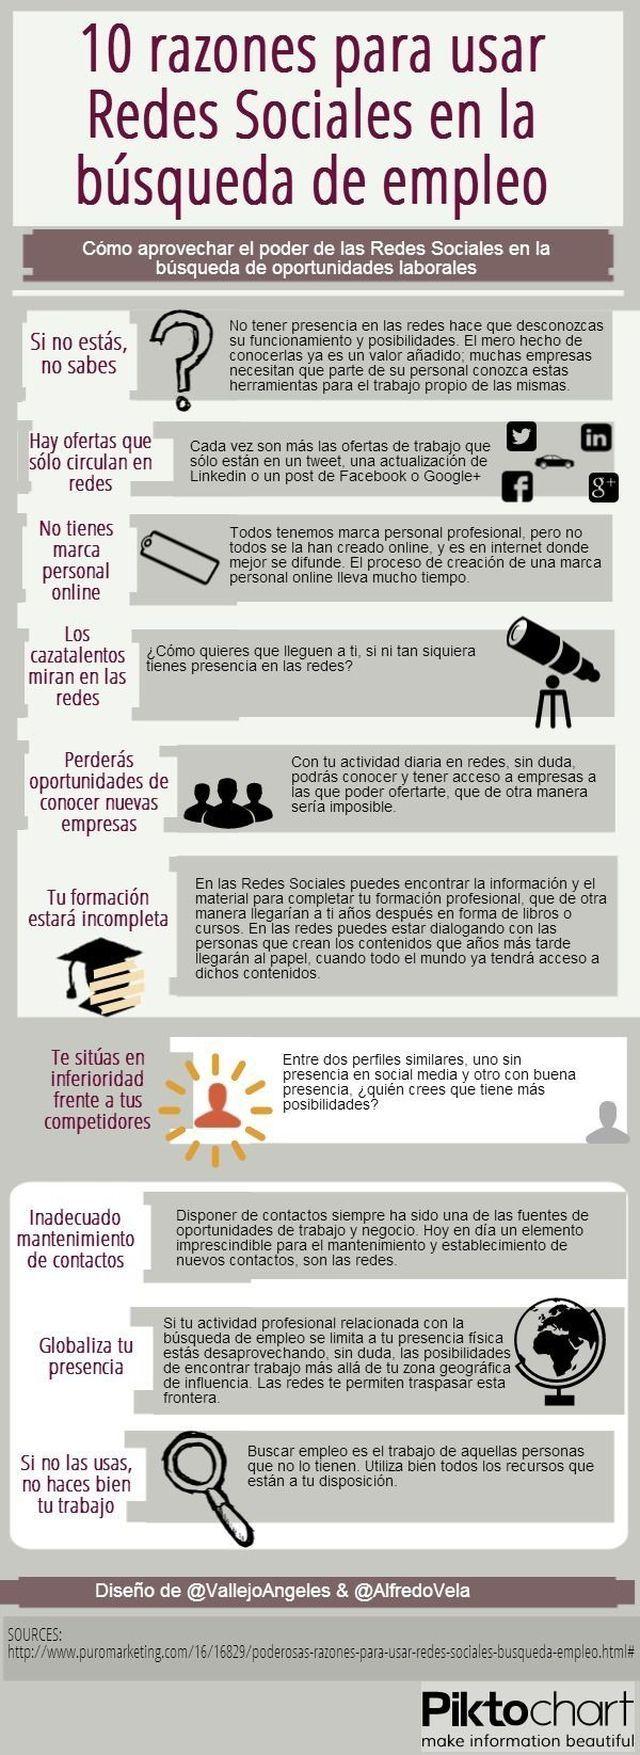 Infografía Con 10 Razones Para Buscar Empleo En Las Redes Sociales Social Media Infographic Social Media Community Social Media